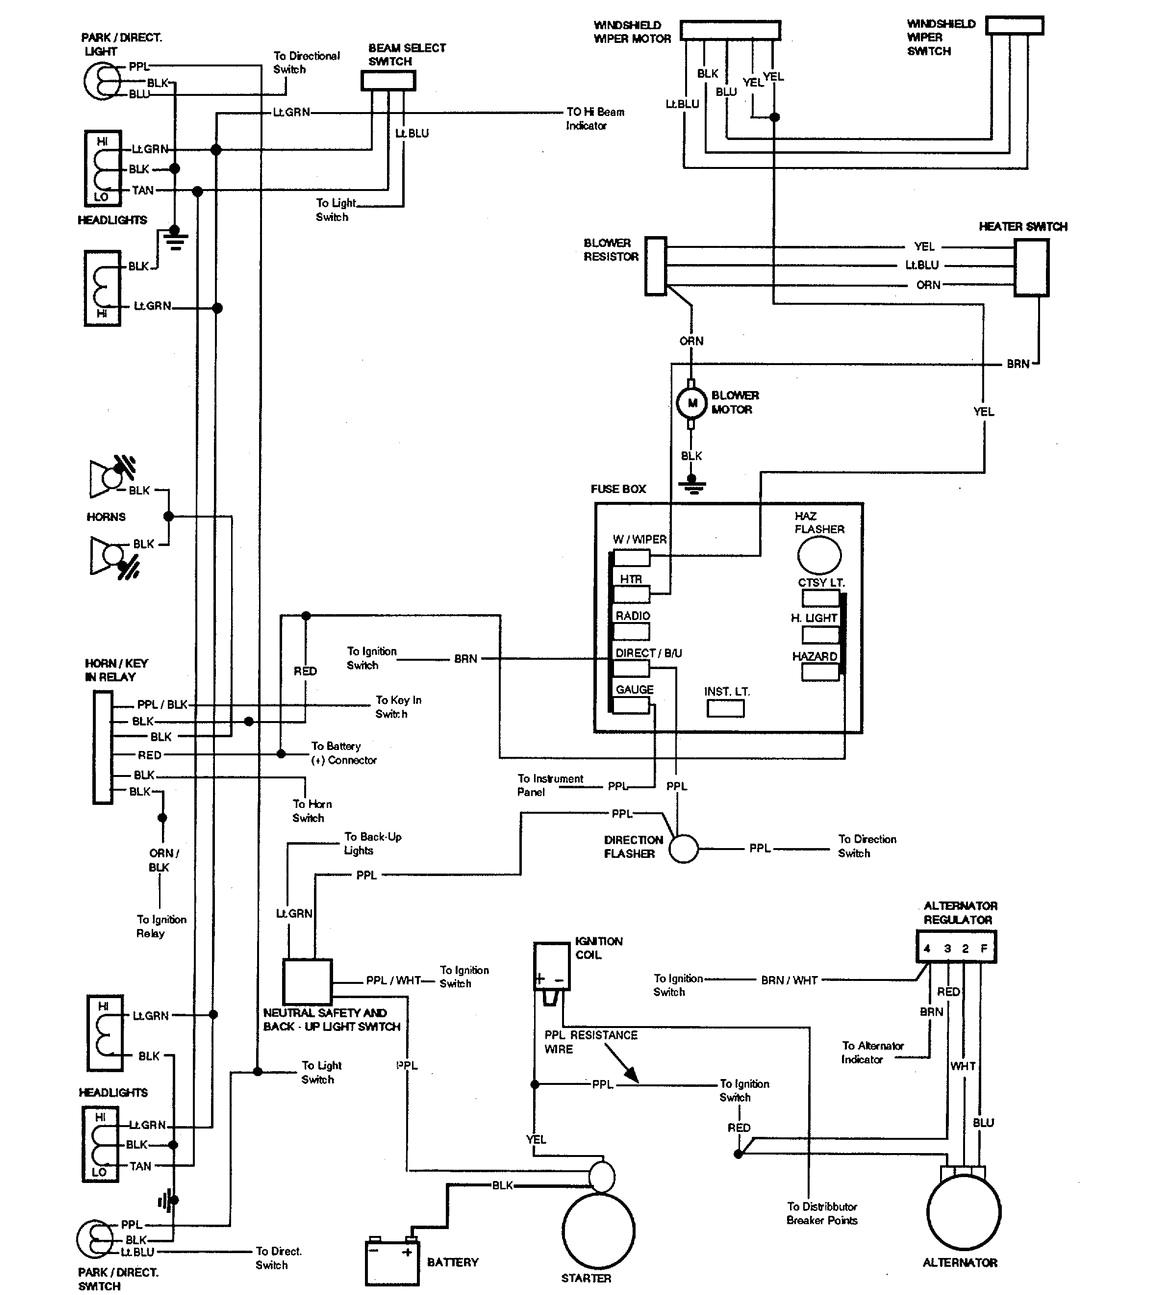 1972 Corvette Wiring Diagram 72 Corvette Wiring Diagram Wiring Diagram Basic